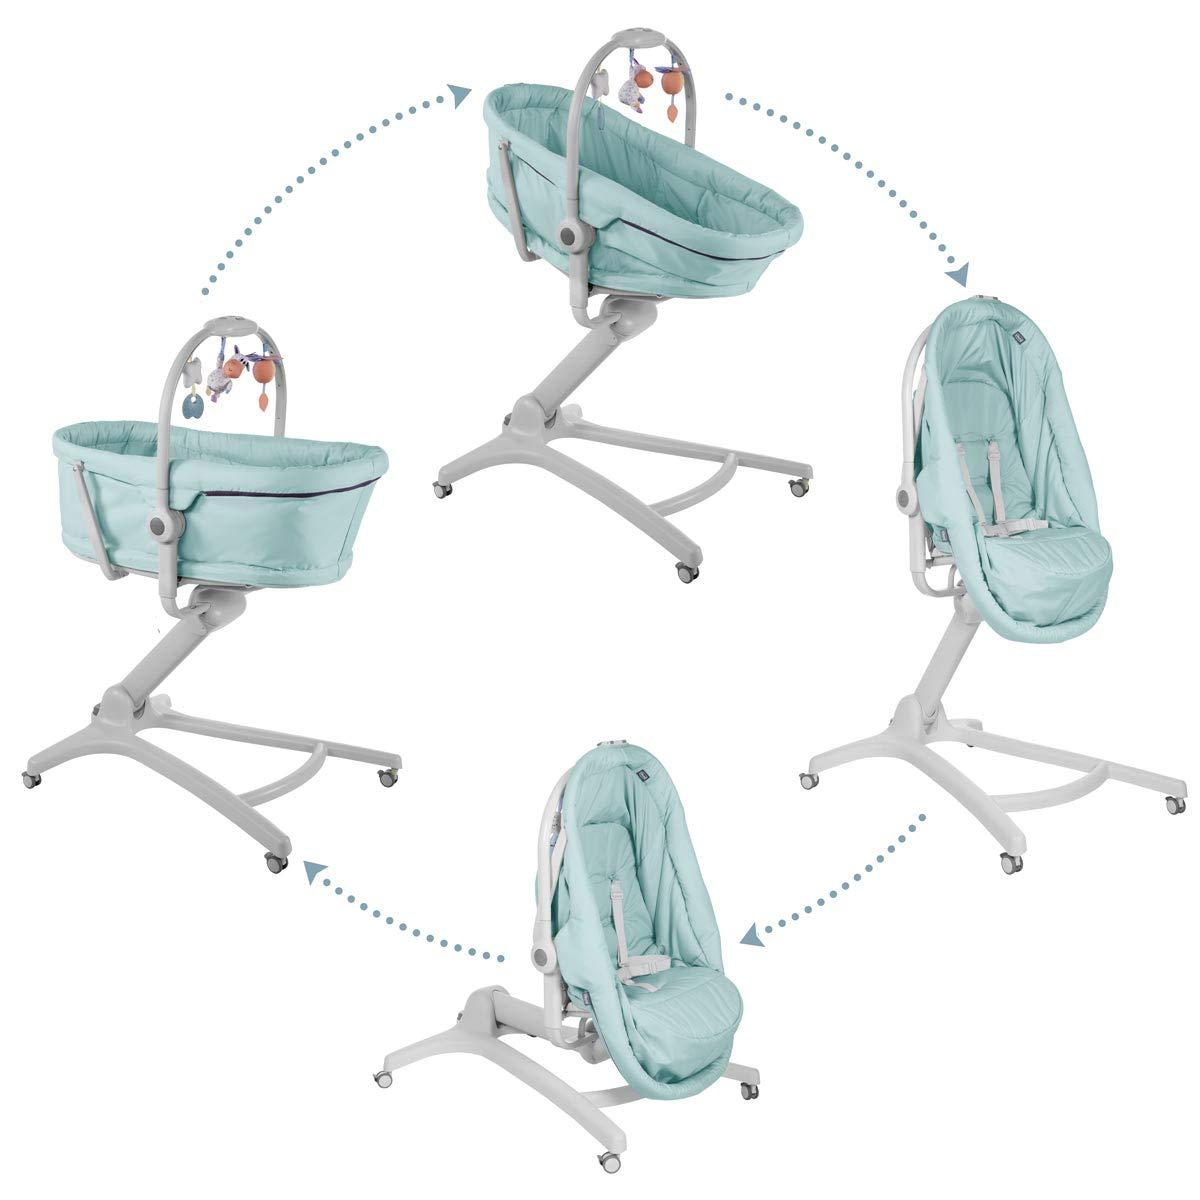 Chicco Baby Hug 4 In 1 Stubenwagen Liegesessel (von 0-6 Monate) Hochstuhl erster Stuhl (von 6-36 Monate) aquarell: Amazon.de: Baby - Chicco Wippe